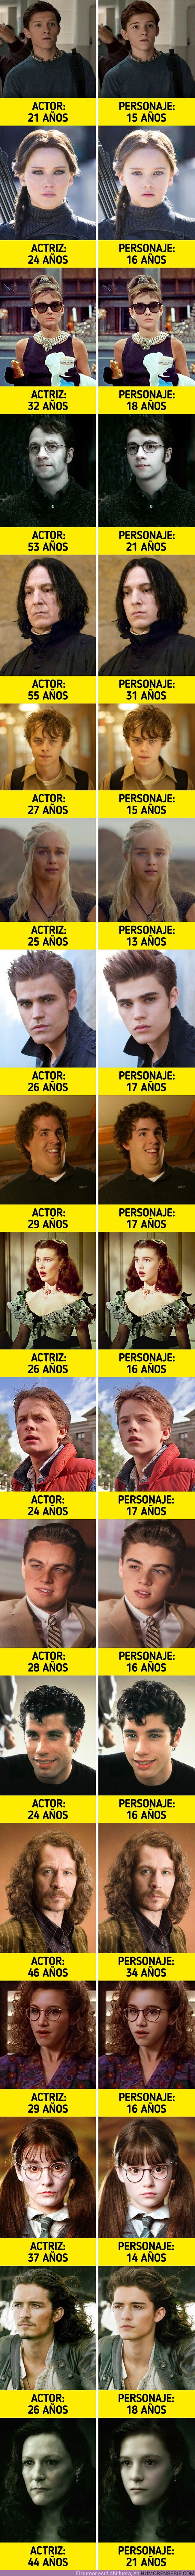 70007 - GALERÍA: Cómo deberían verse 18 actores si su edad coincidiera con la de sus personajes